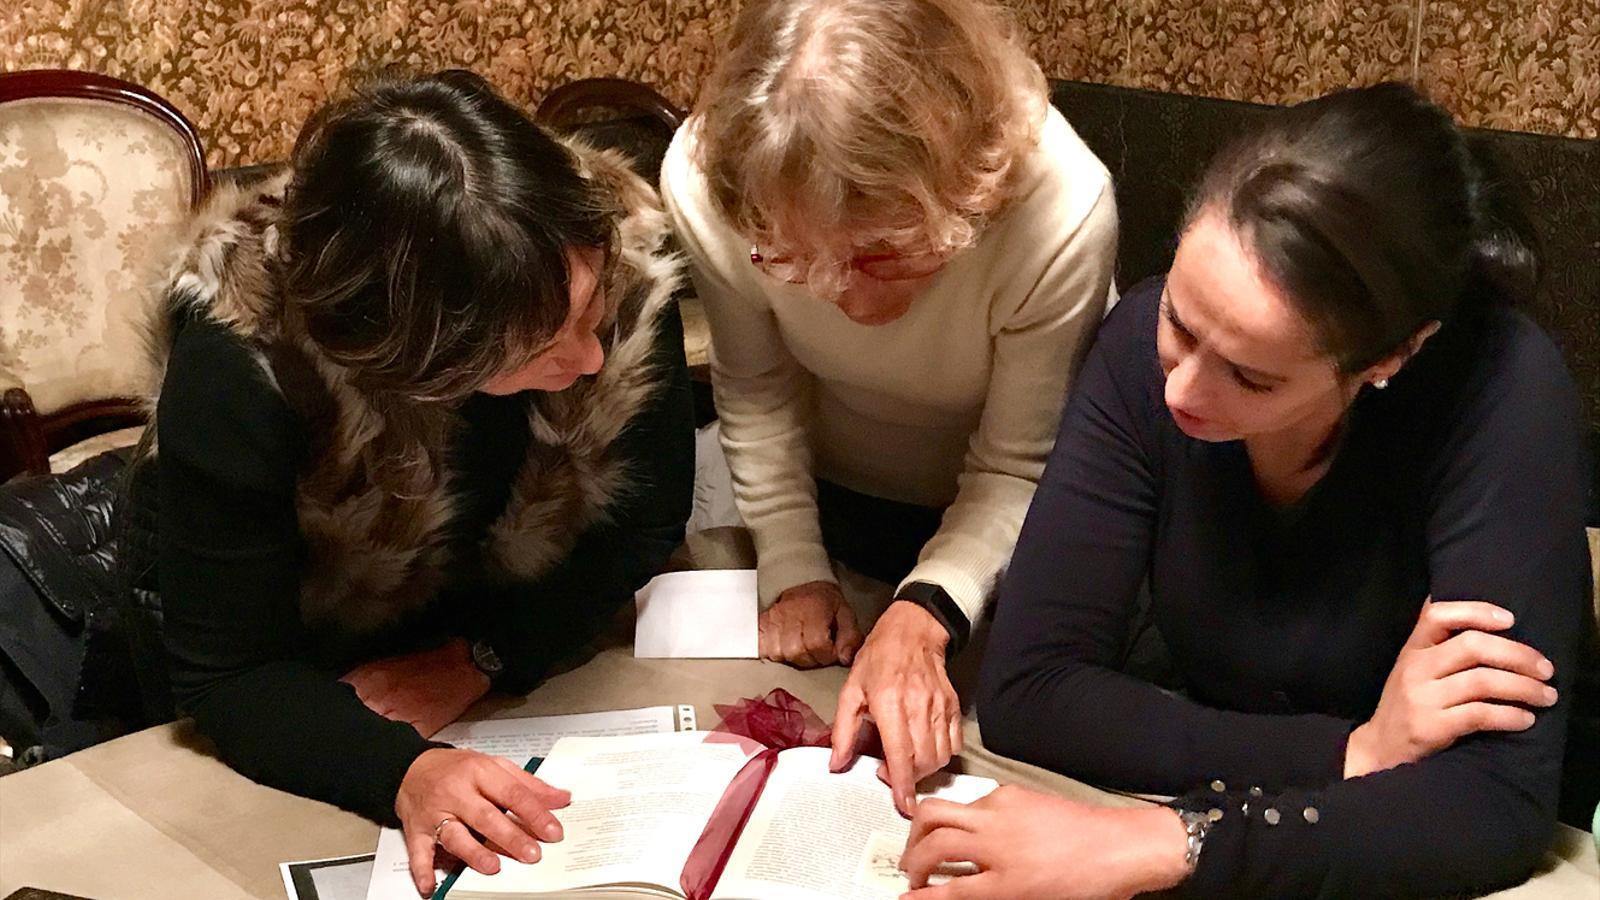 Un grup de participants en el joc d'escapada. / SFG